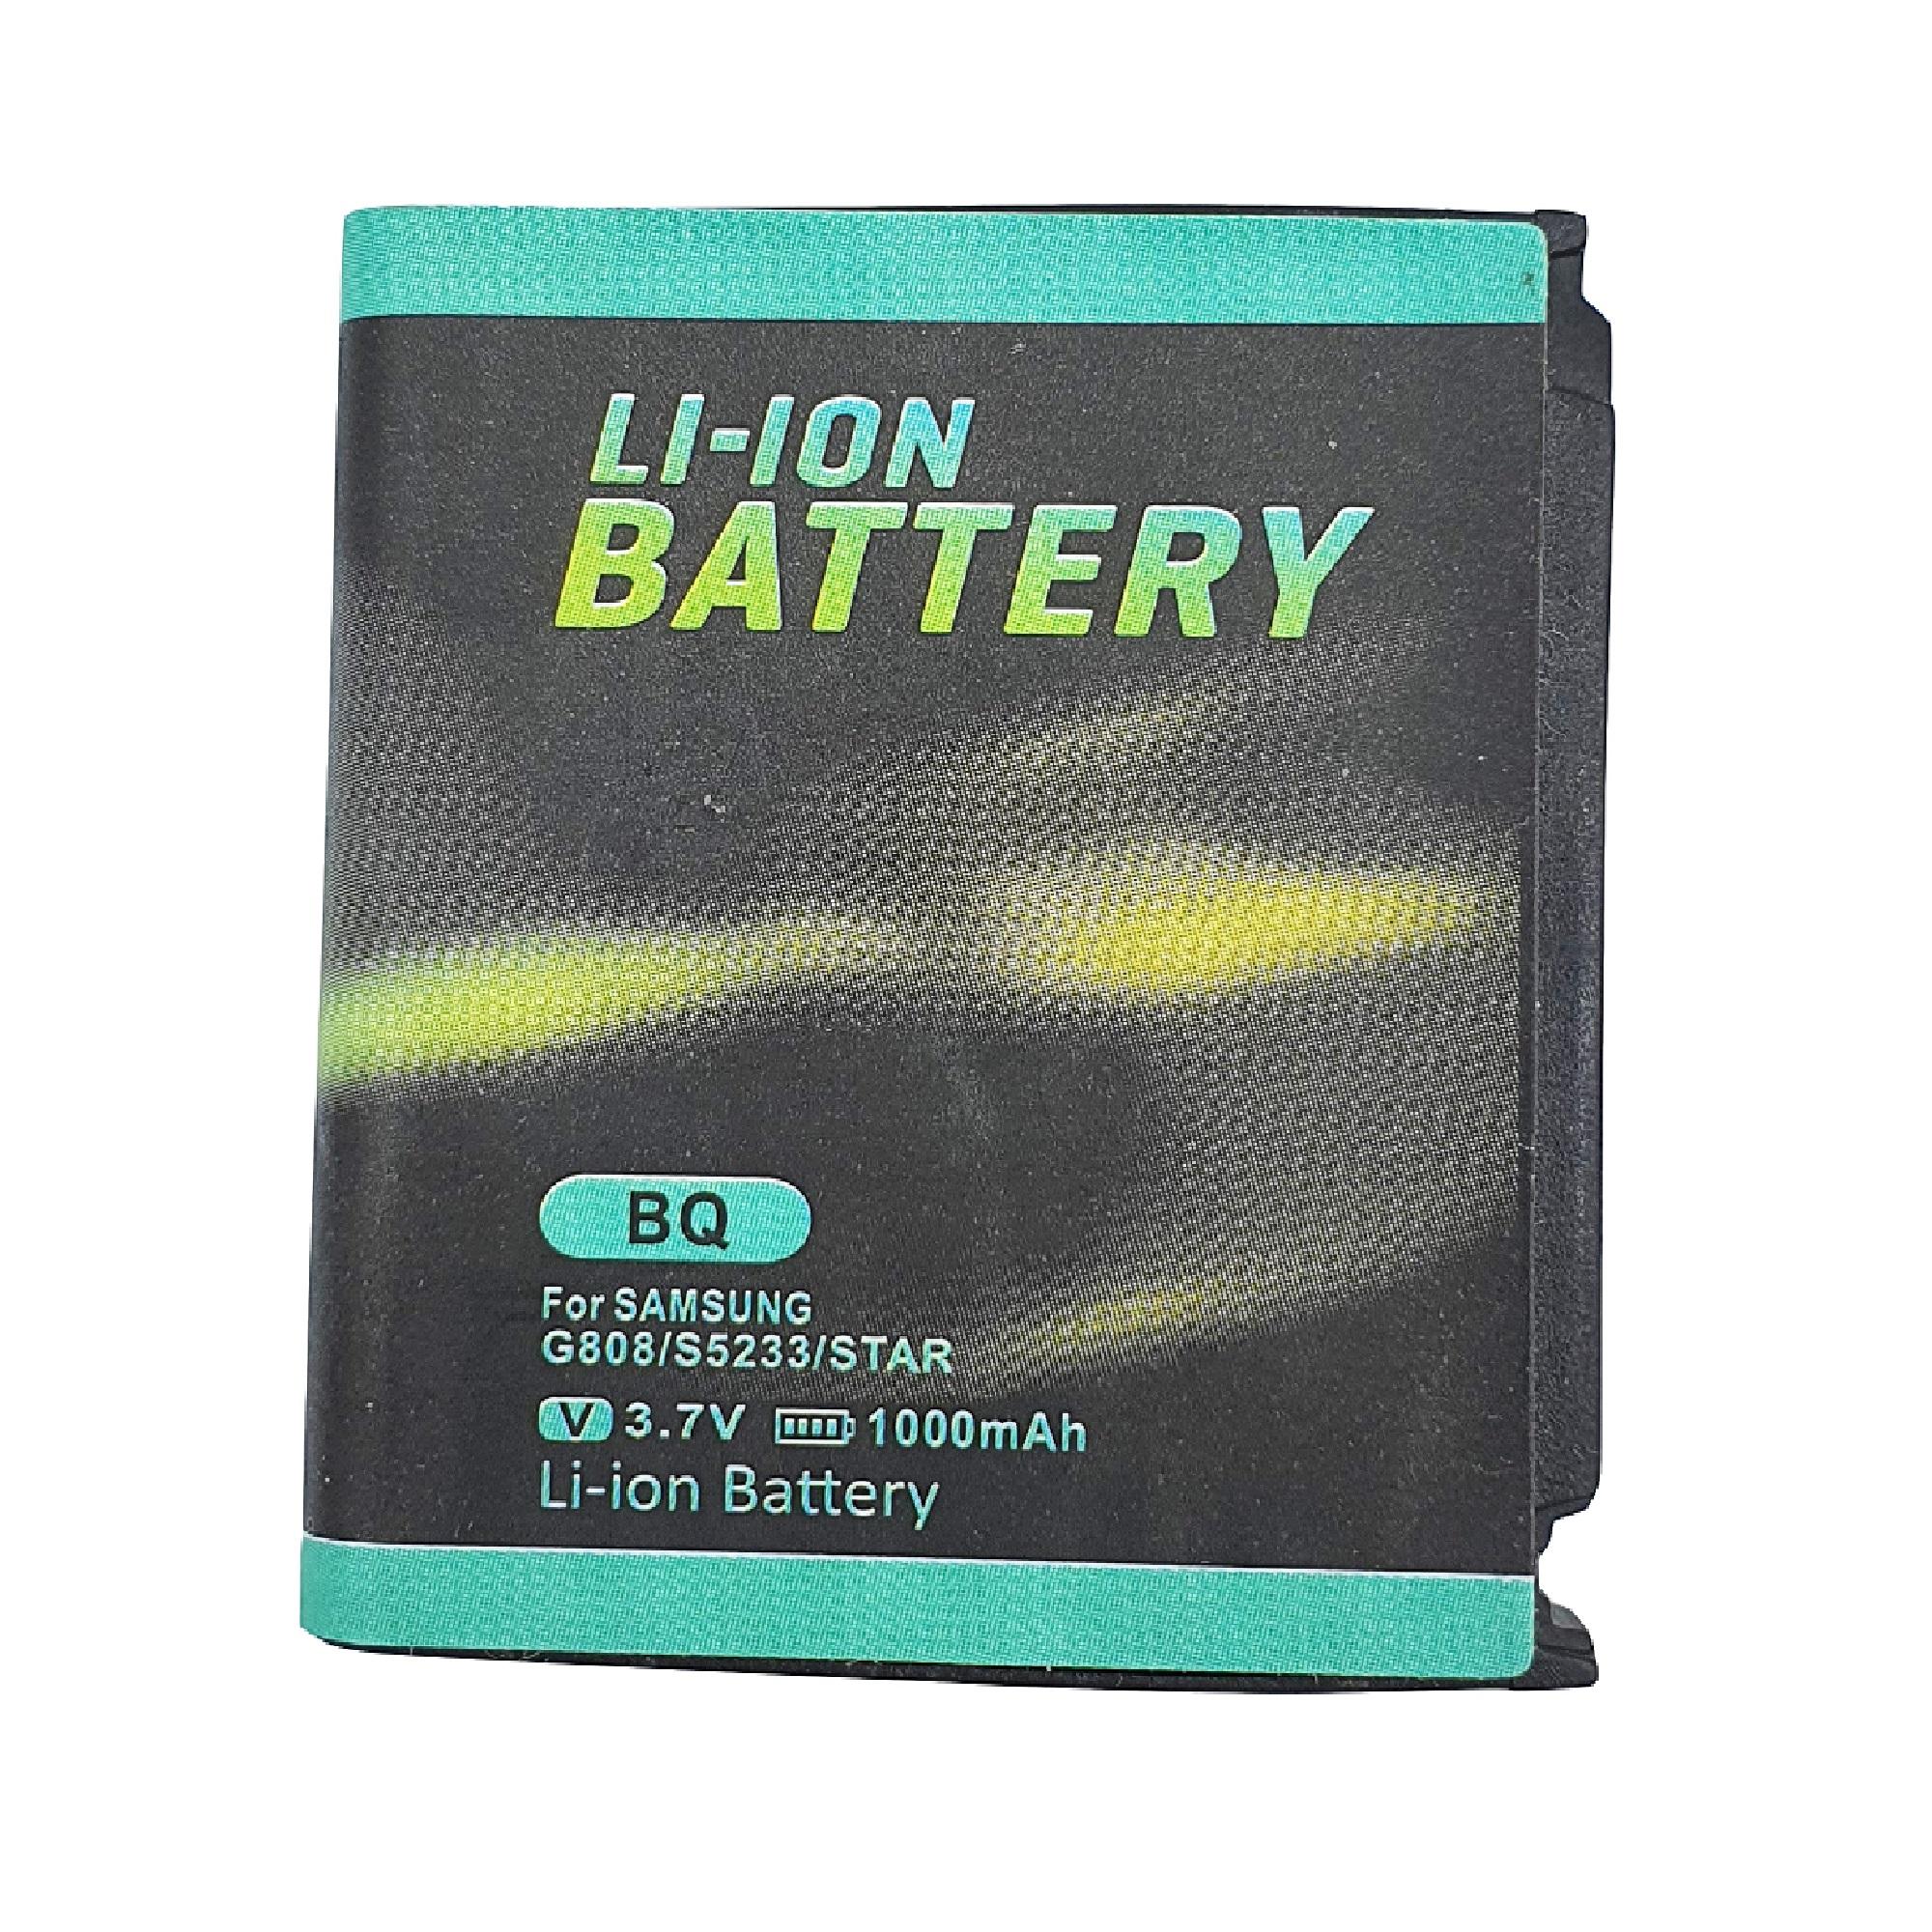 باتری موبایل مدل BQ ظرفیت 1000 میلی آمپر ساعت مناسب برای گوشی موبایل سامسونگ G808